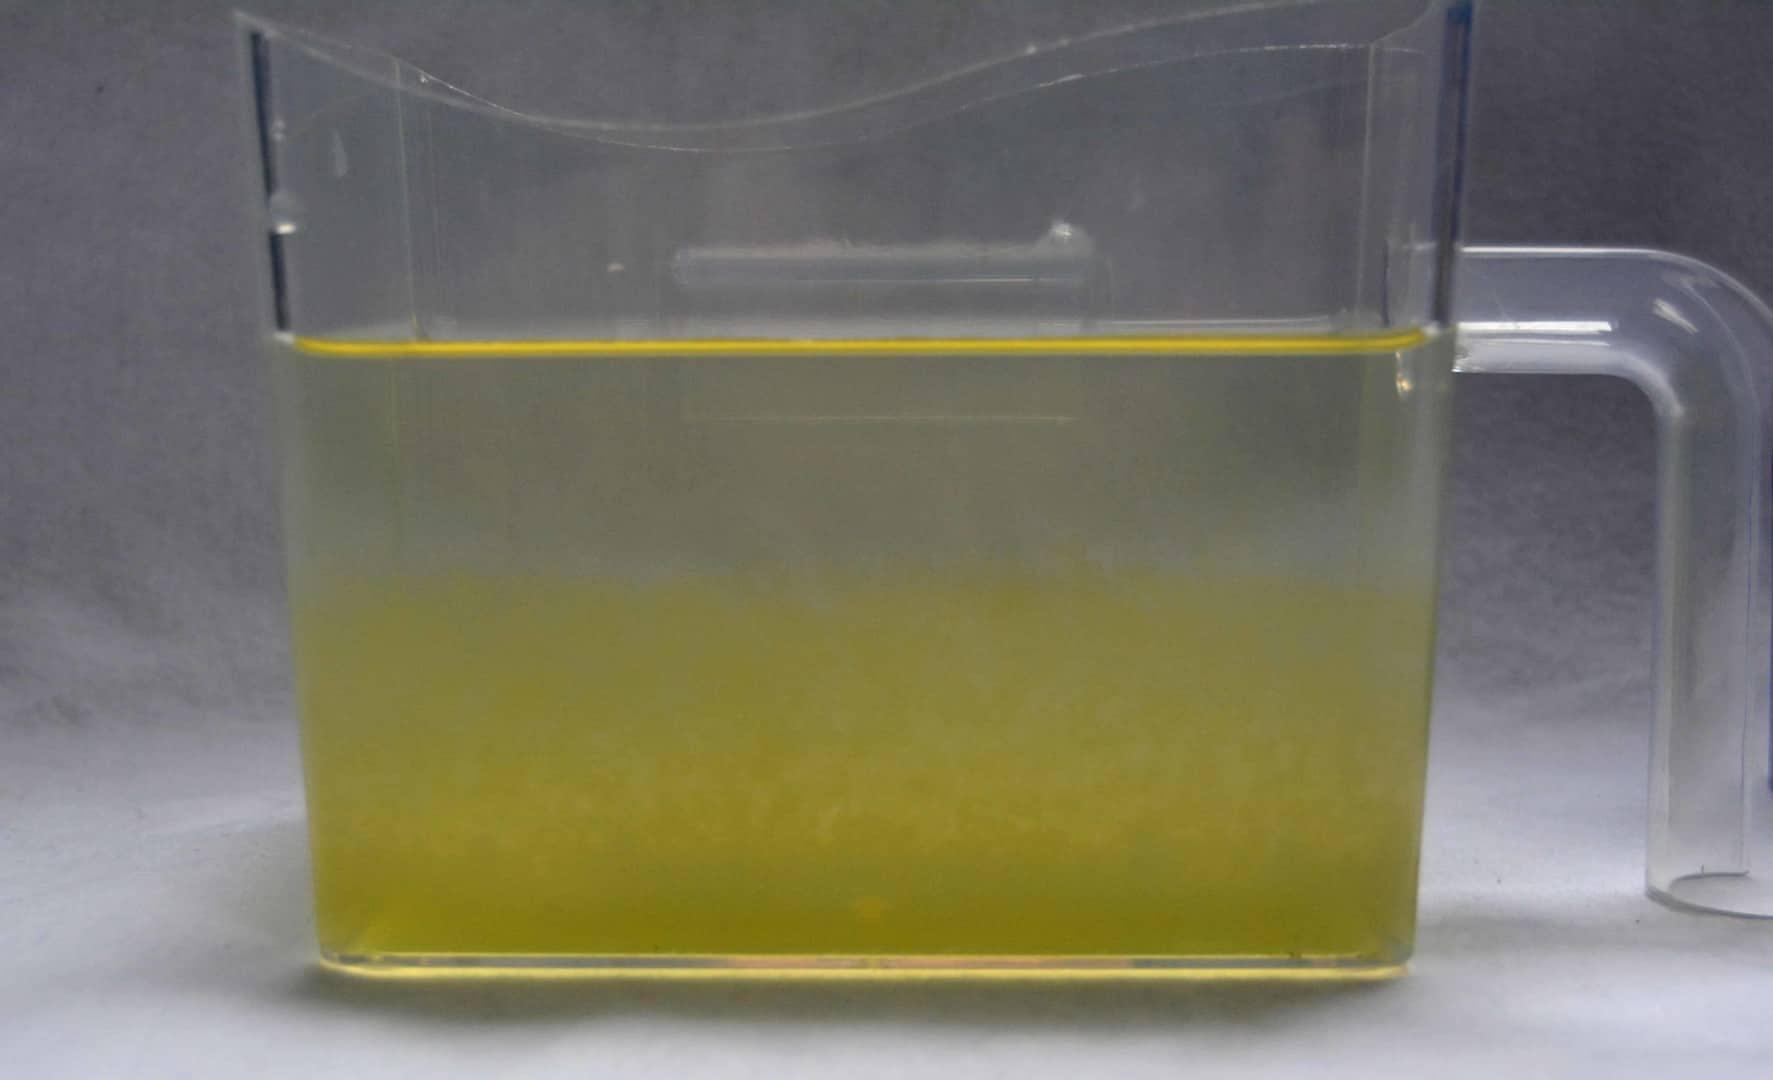 Mittel für dein Aquarium: Wasseraufbereiter - Anwendung und Wirkung 4